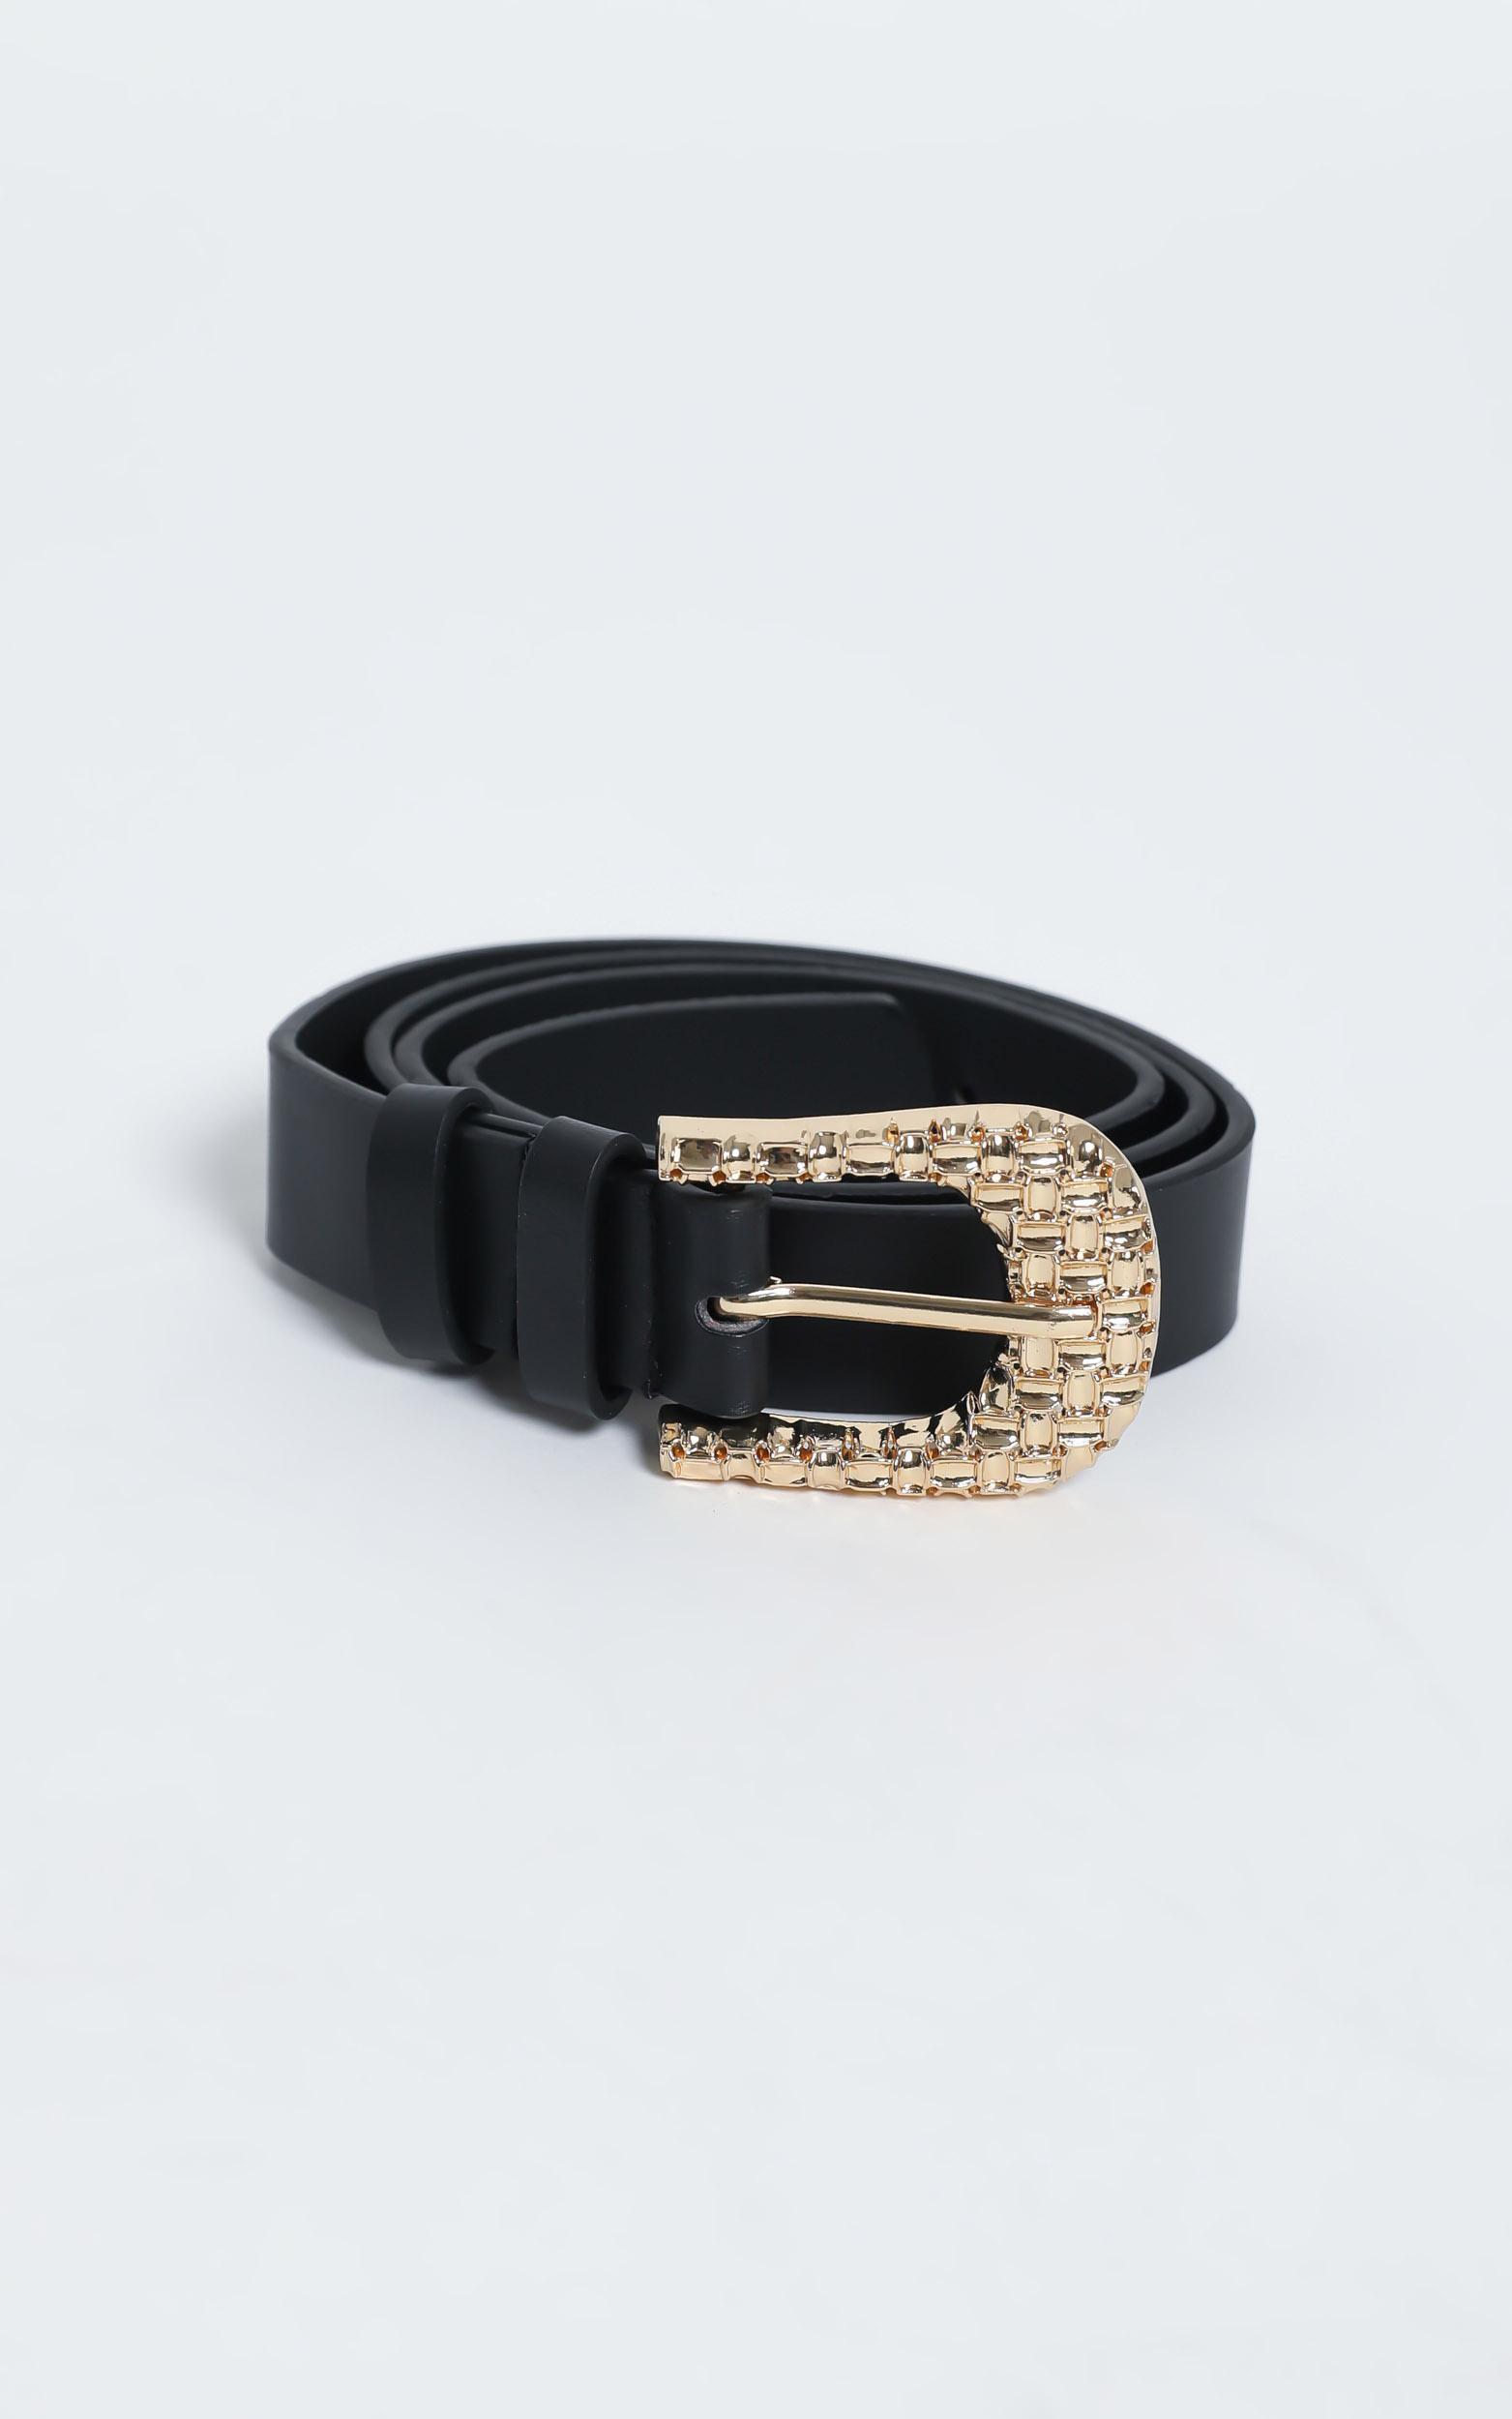 Cian Belt in Black, , hi-res image number null